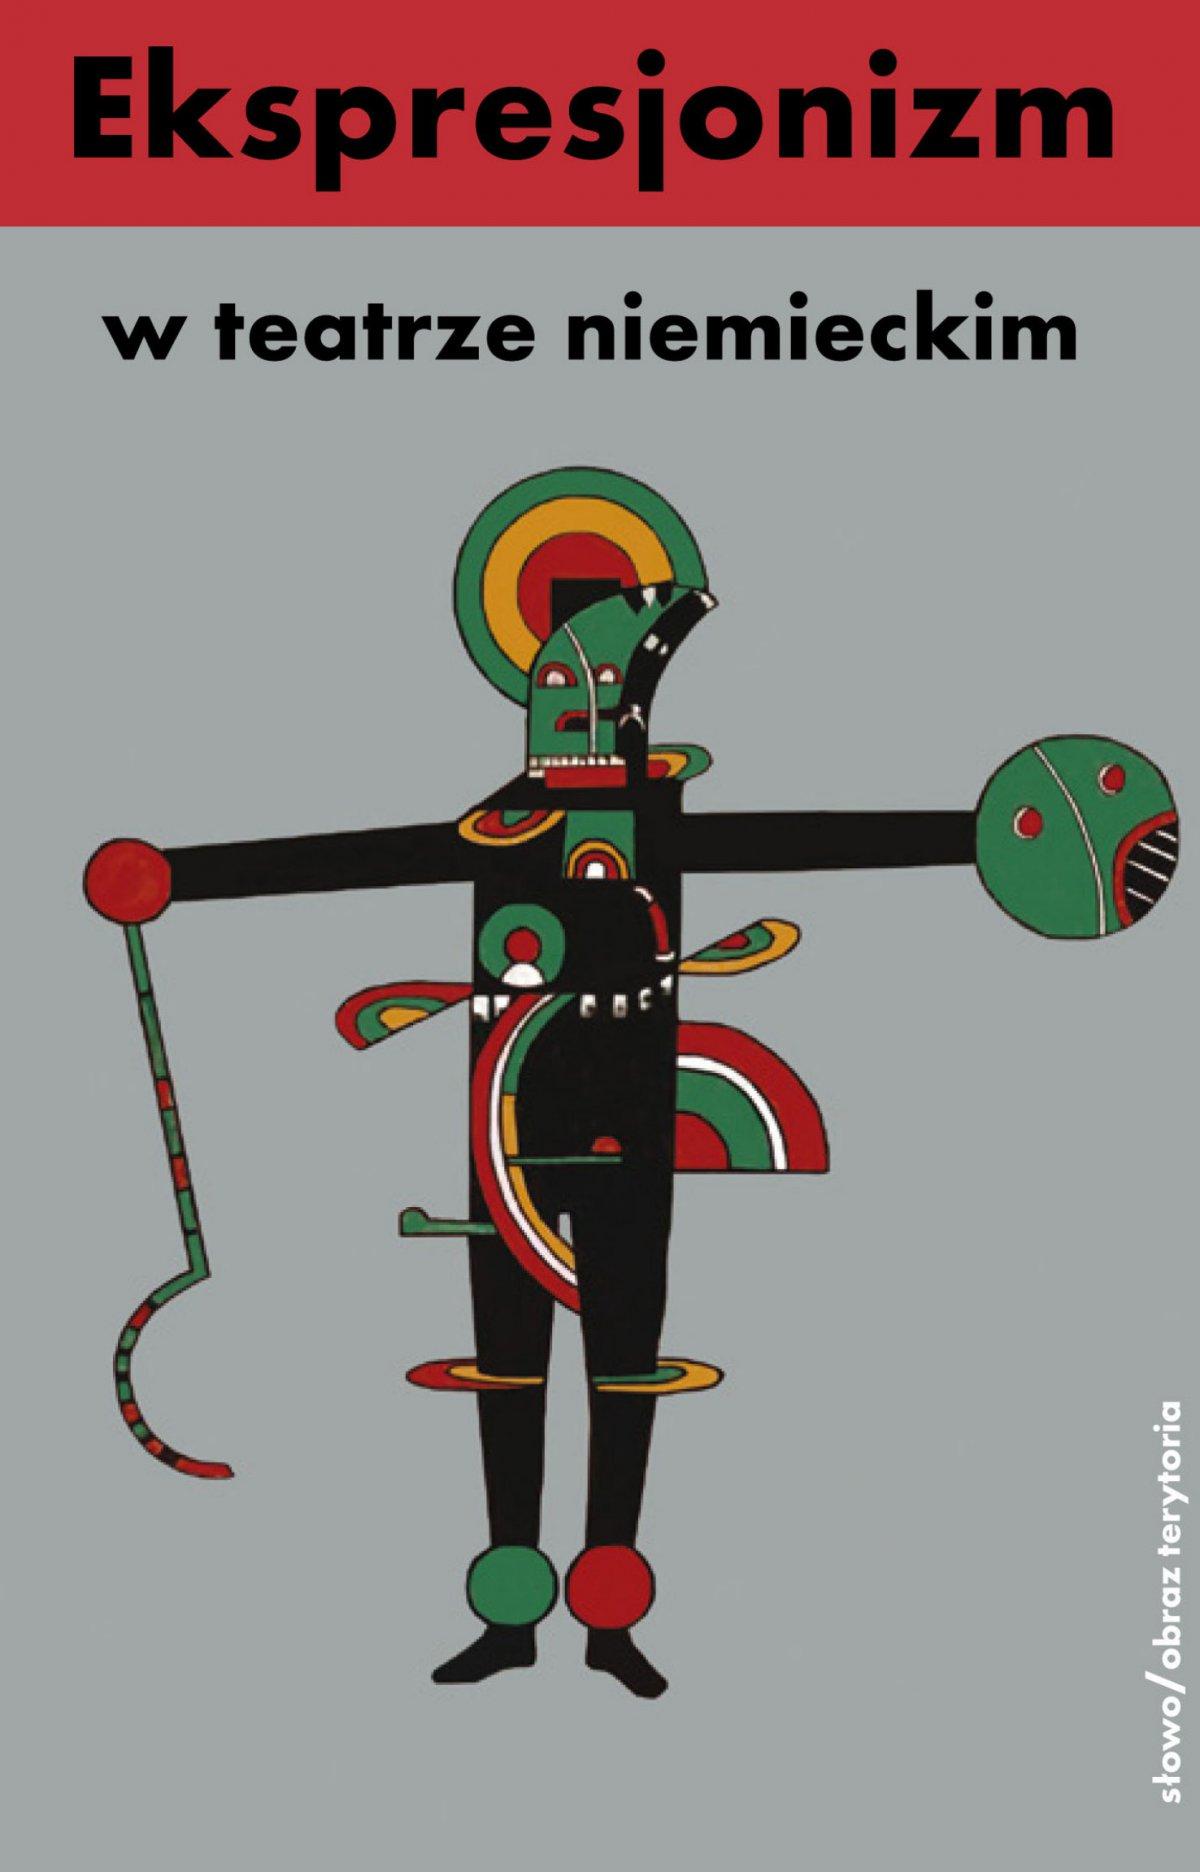 Ekspresjonizm w teatrze niemieckim - Ebook (Książka na Kindle) do pobrania w formacie MOBI